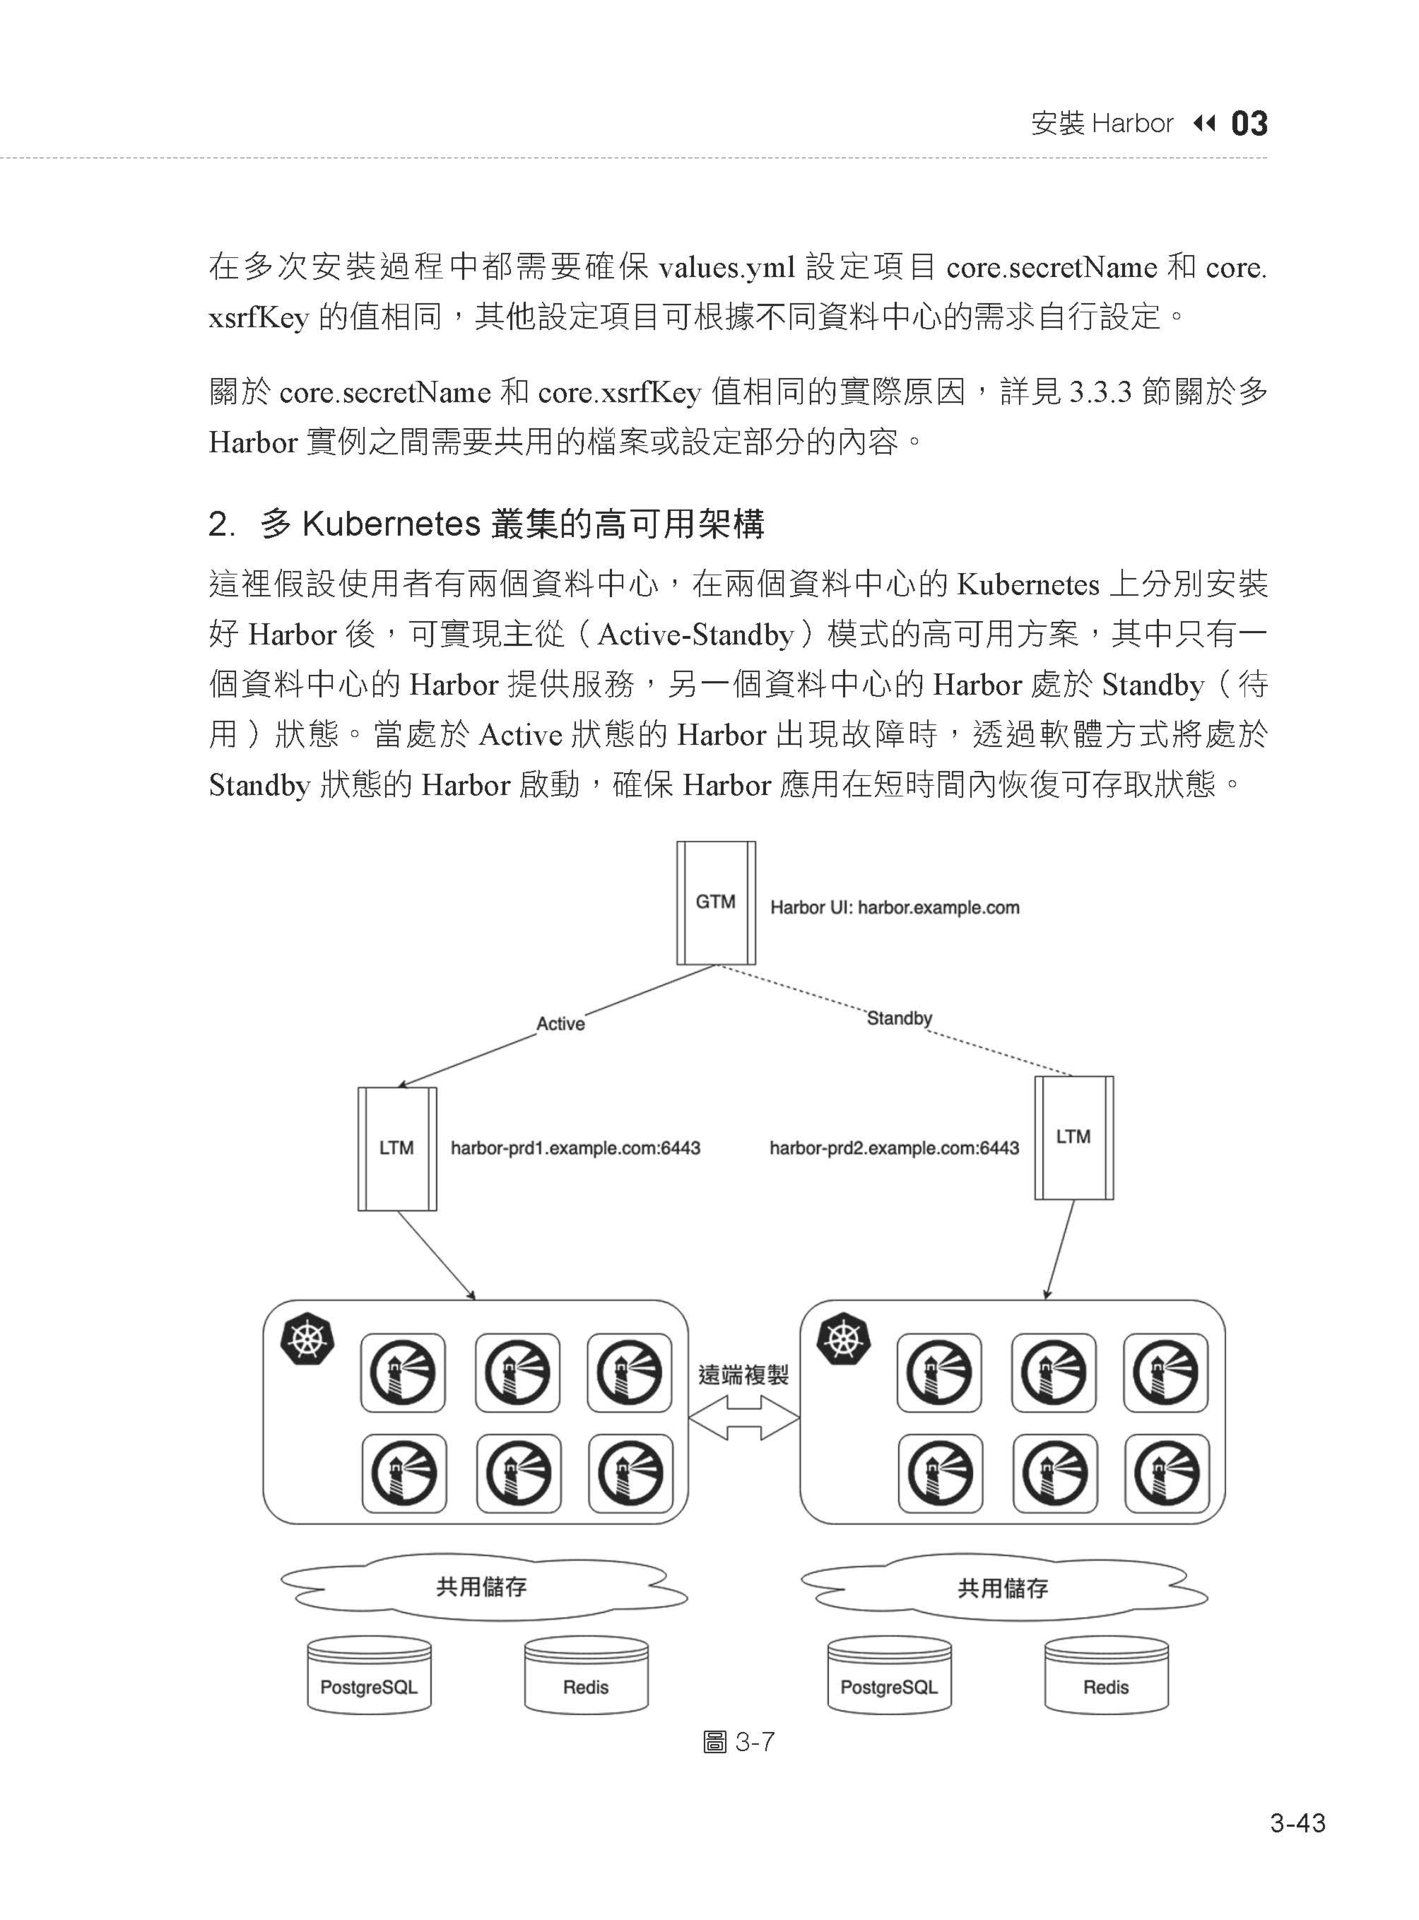 比 Docker 再高階一步:使用 Harbor 完成 Helm Chart 容器及鏡像雲端原生管理-preview-3